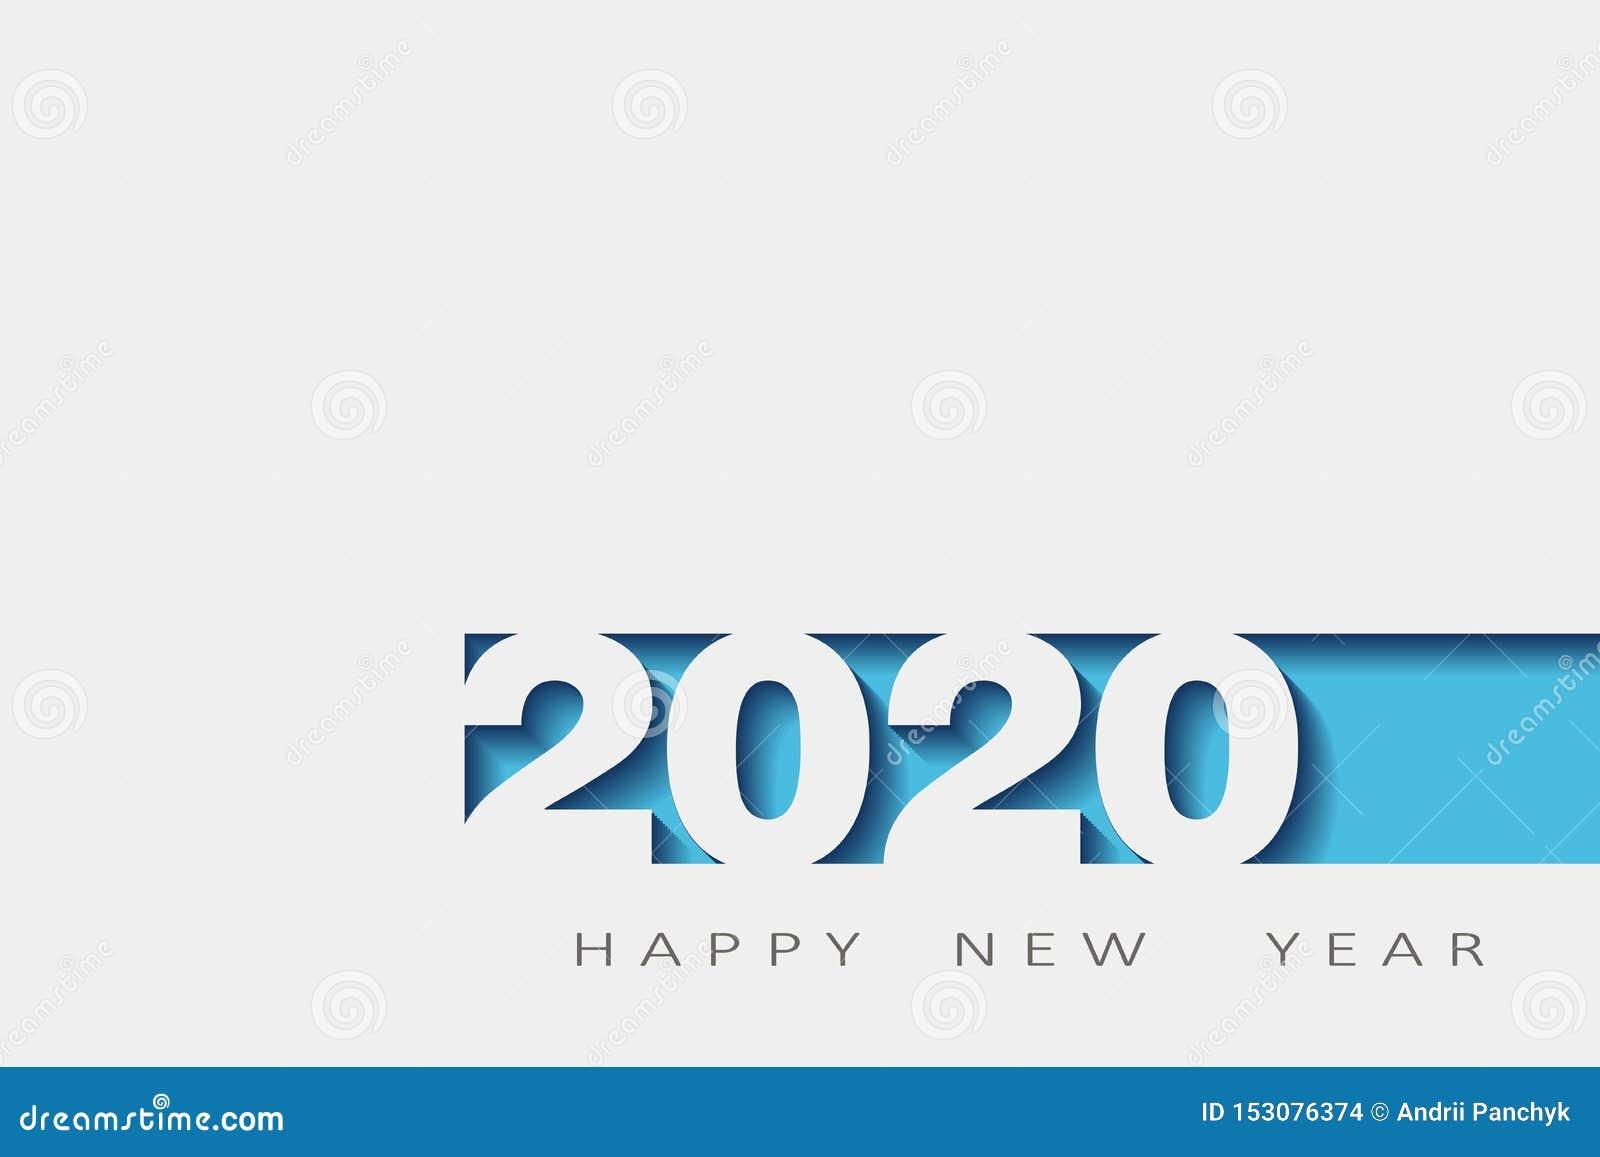 2020 anos novos felizes, ano do rato, projeto 3d, ilustração, mergulharam realístico, para bandeiras, insetos dos cartazes